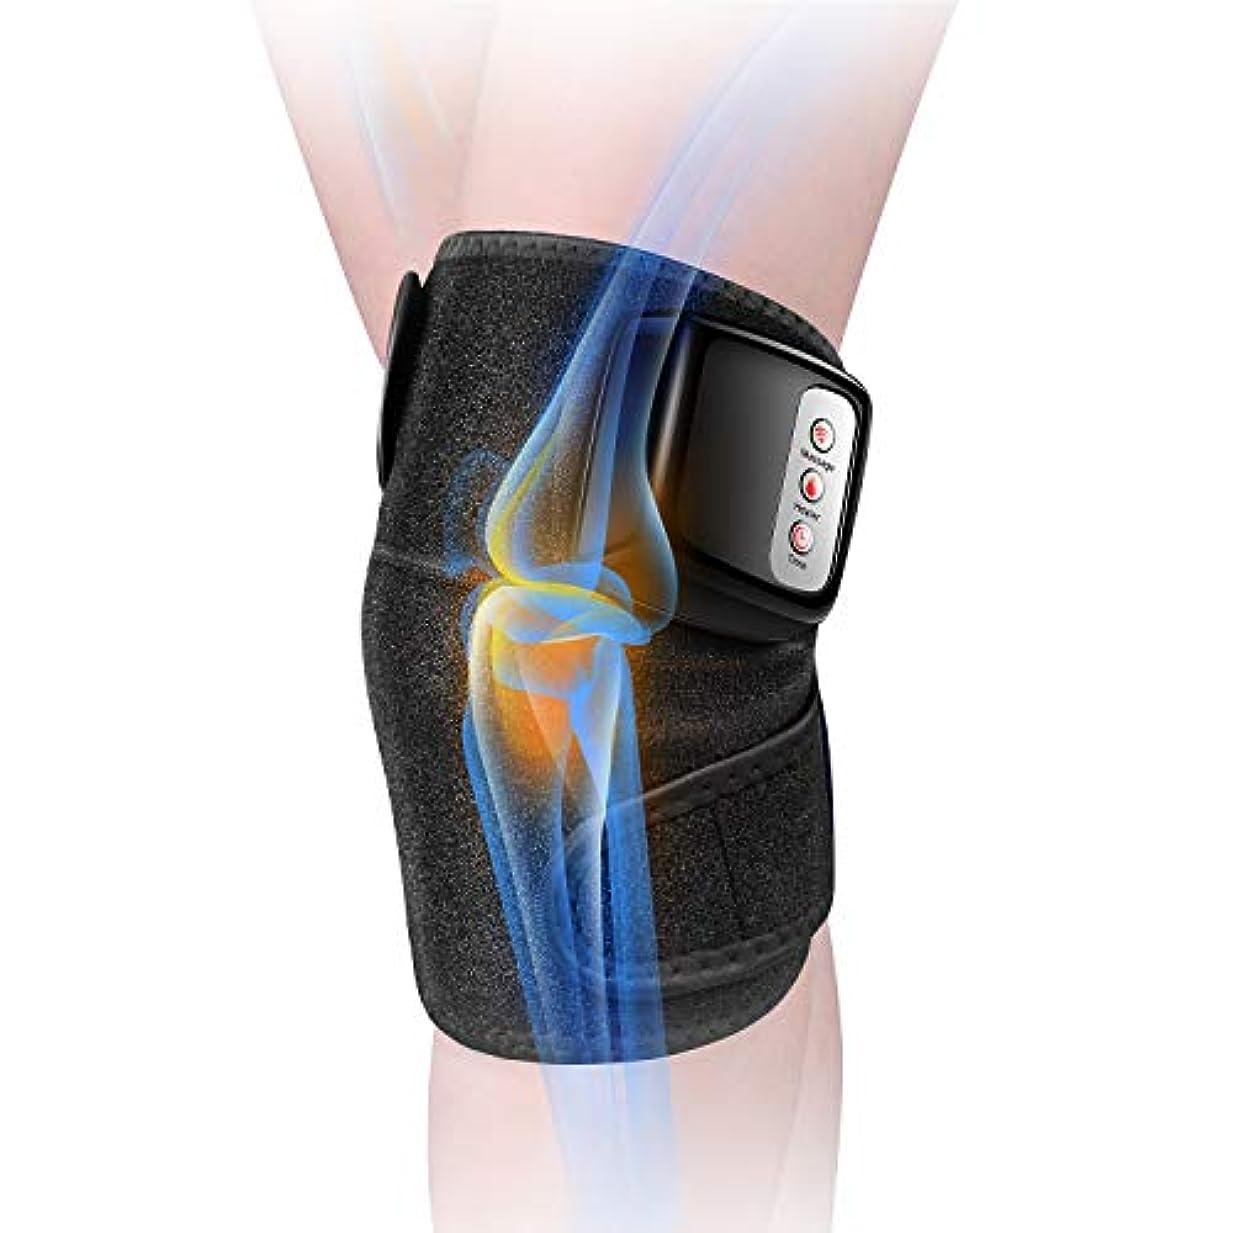 枯れる士気怒って膝マッサージャー 関節マッサージャー マッサージ器 フットマッサージャー 振動 赤外線療法 温熱療法 膝サポーター ストレス解消 肩 太もも/腕対応